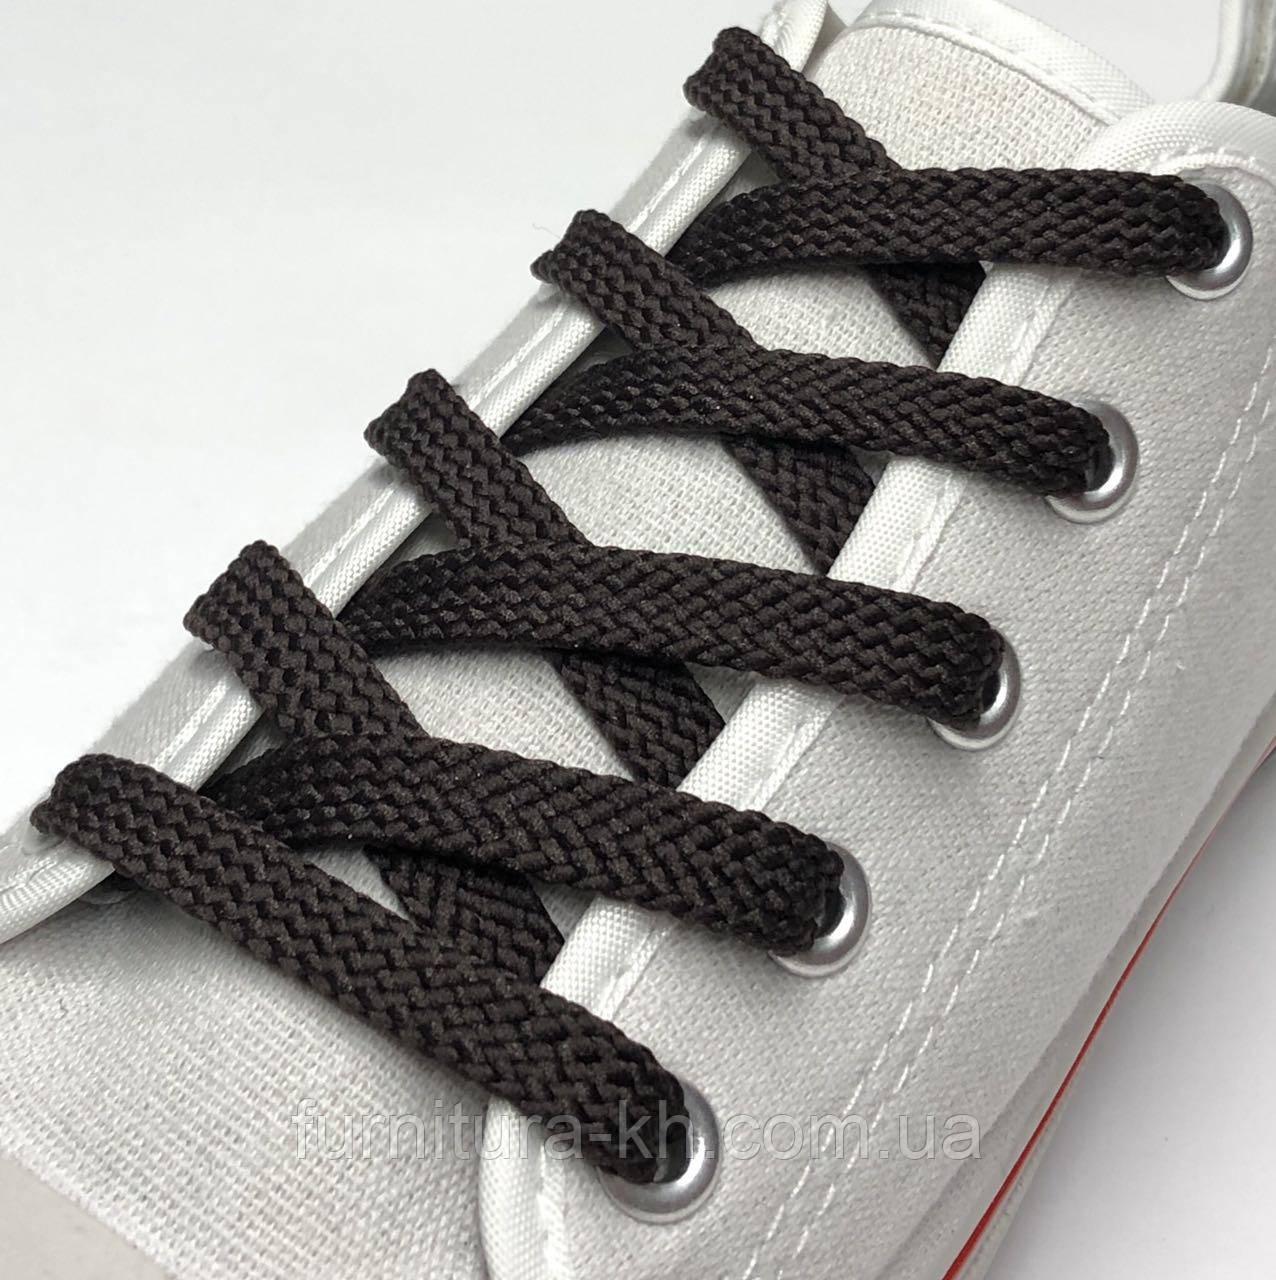 Шнурки для Обуви 200 см. Простой Плоский (7 мм) Цвет Темно Коричневый